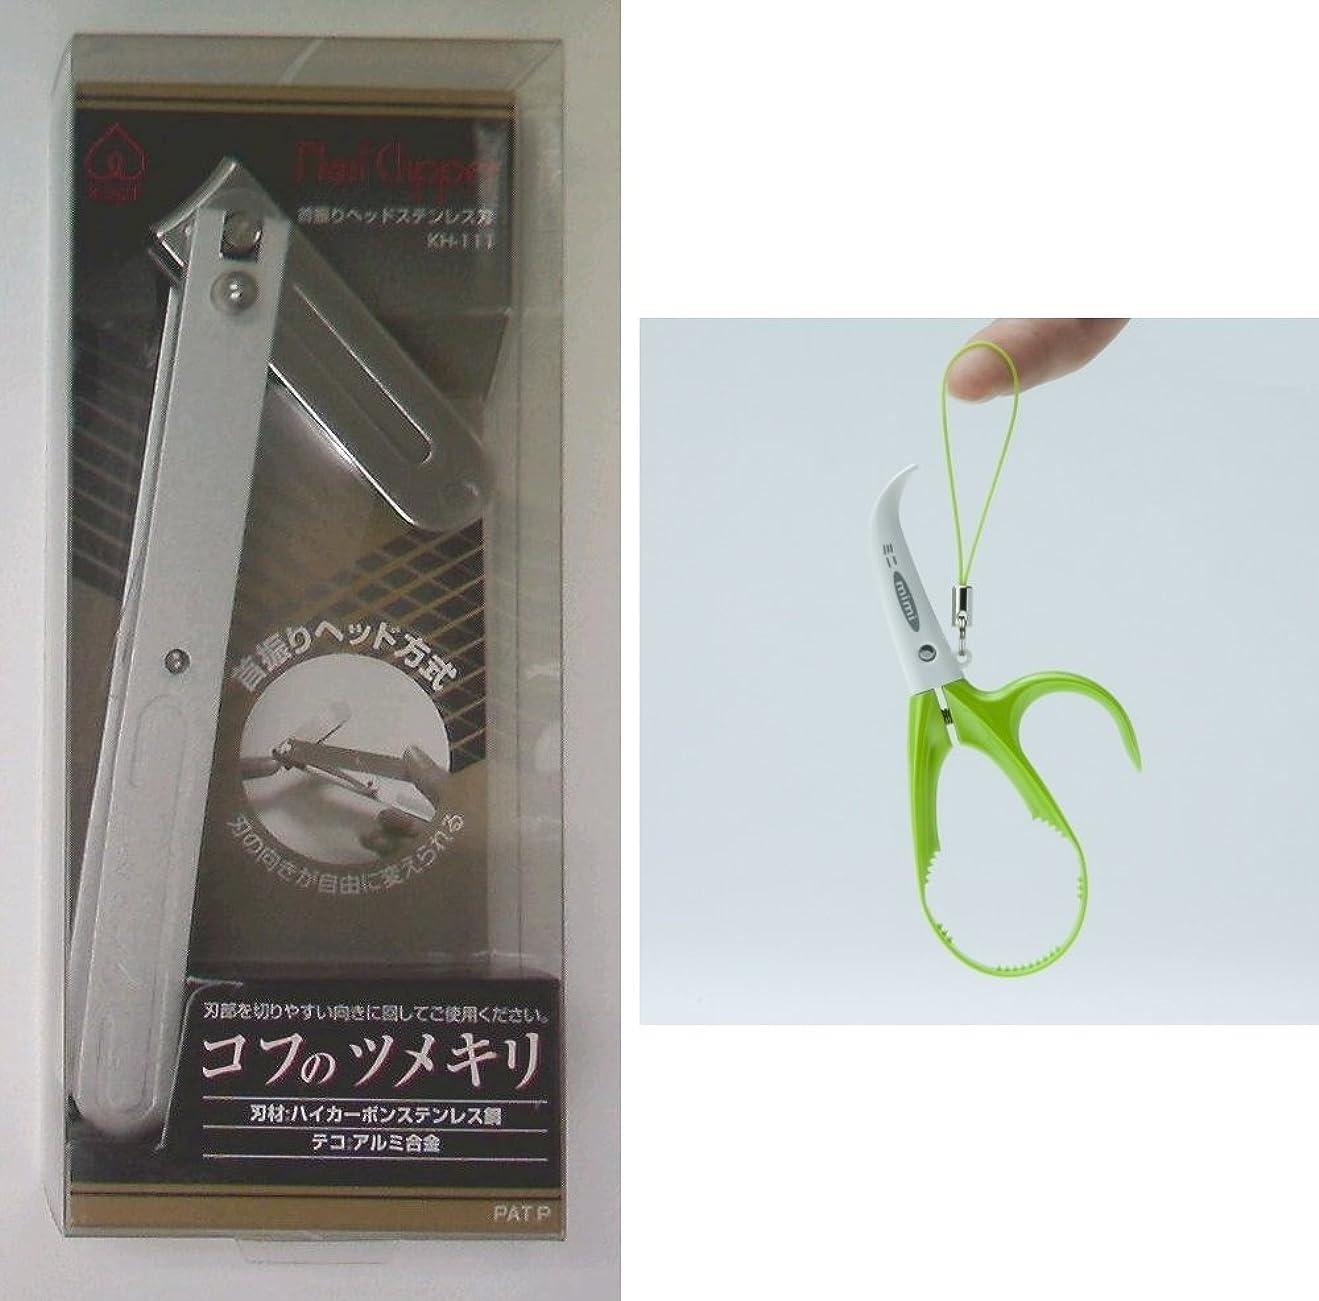 どんよりしたどこかそれに応じてツメキリ ミニはさみ セット   コフの爪切り KH-111 シルバー   みんなのはさみ ミニ mimi グリーン   set